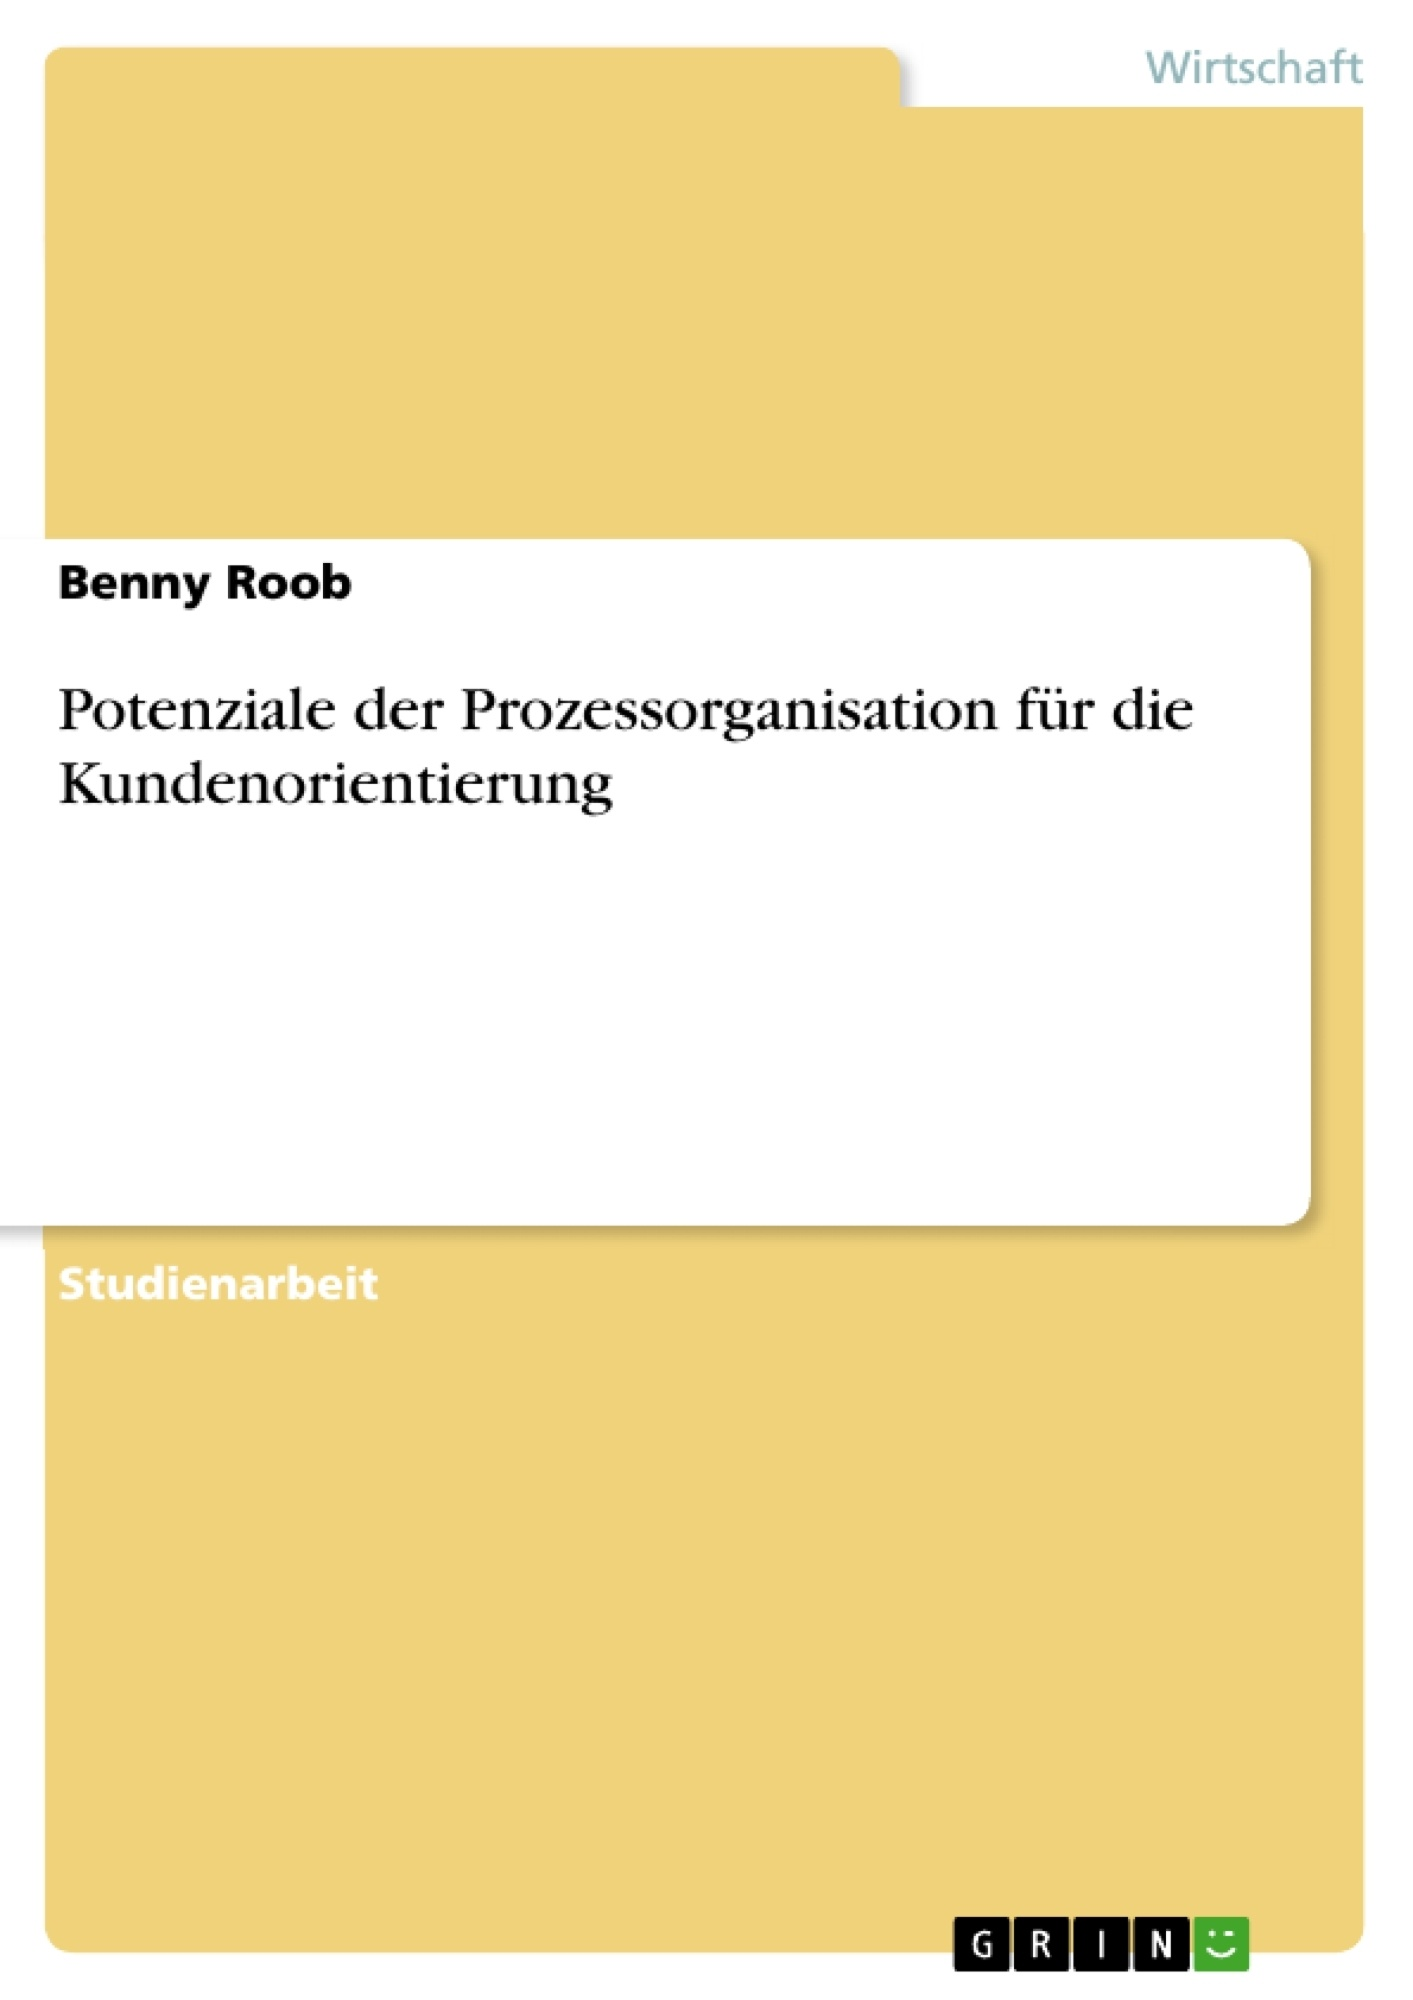 Titel: Potenziale der Prozessorganisation für die Kundenorientierung